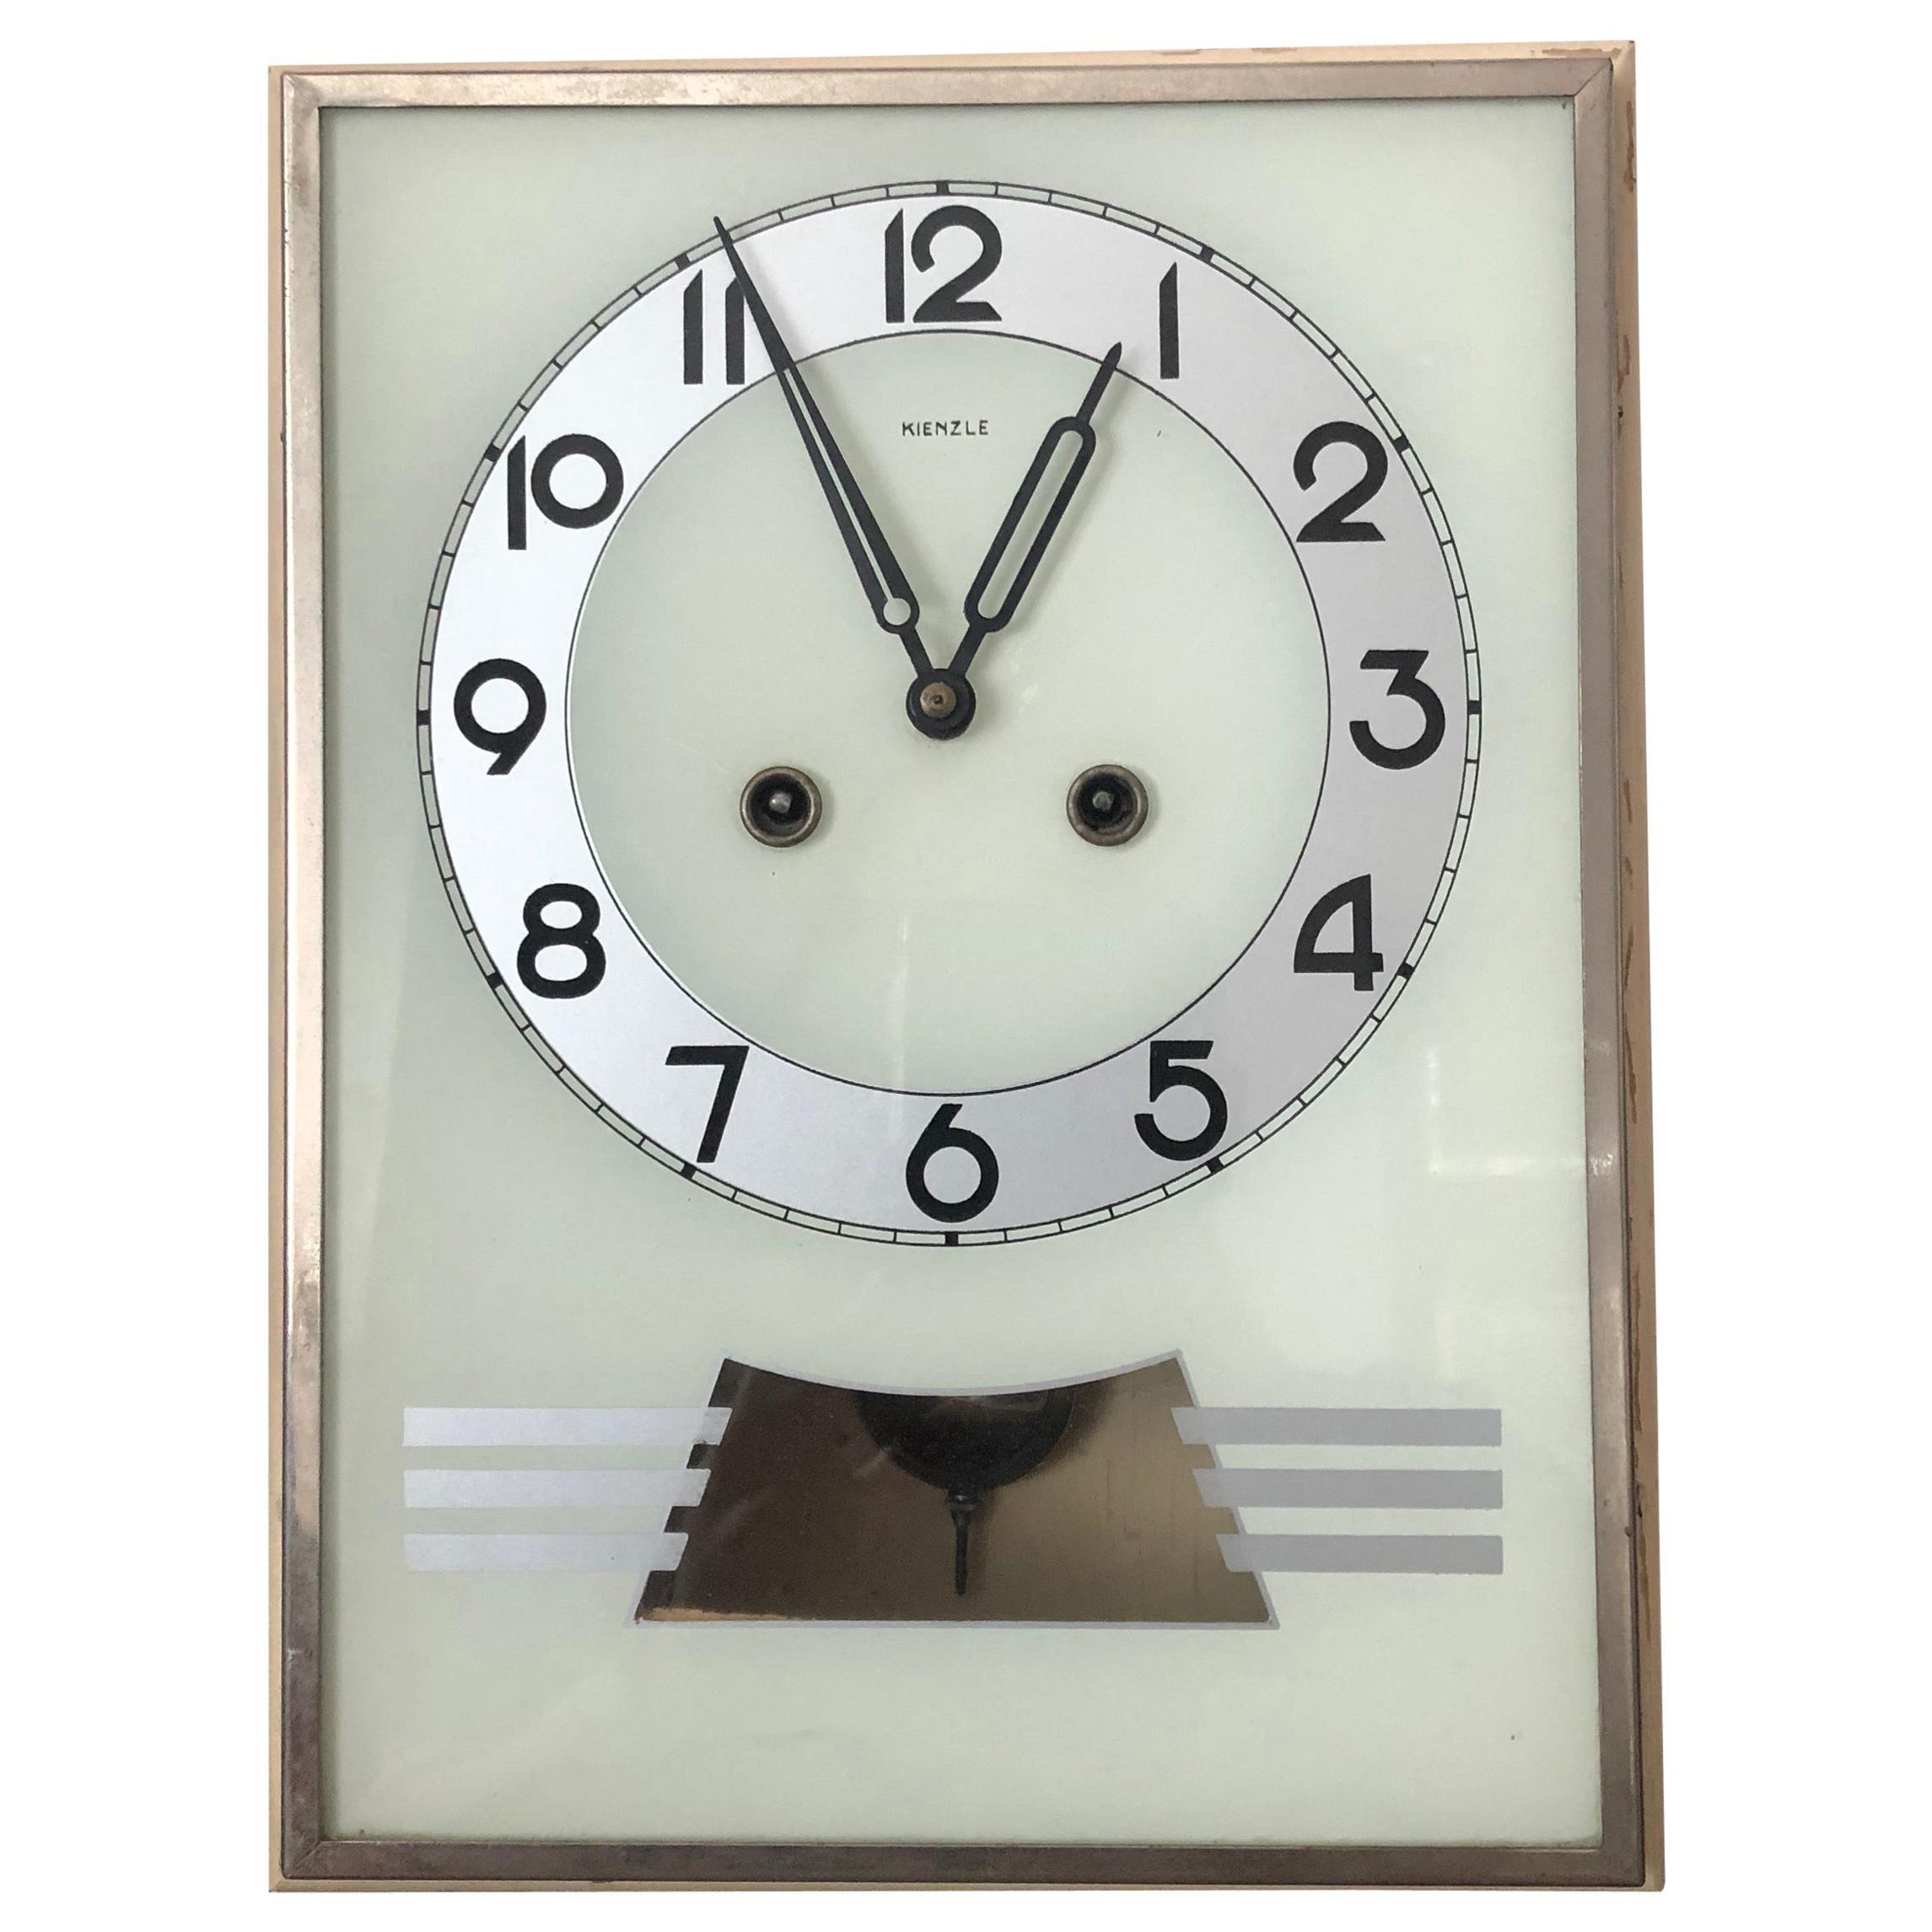 Art Decon Germany Wall Kitchen Clock Kienzle